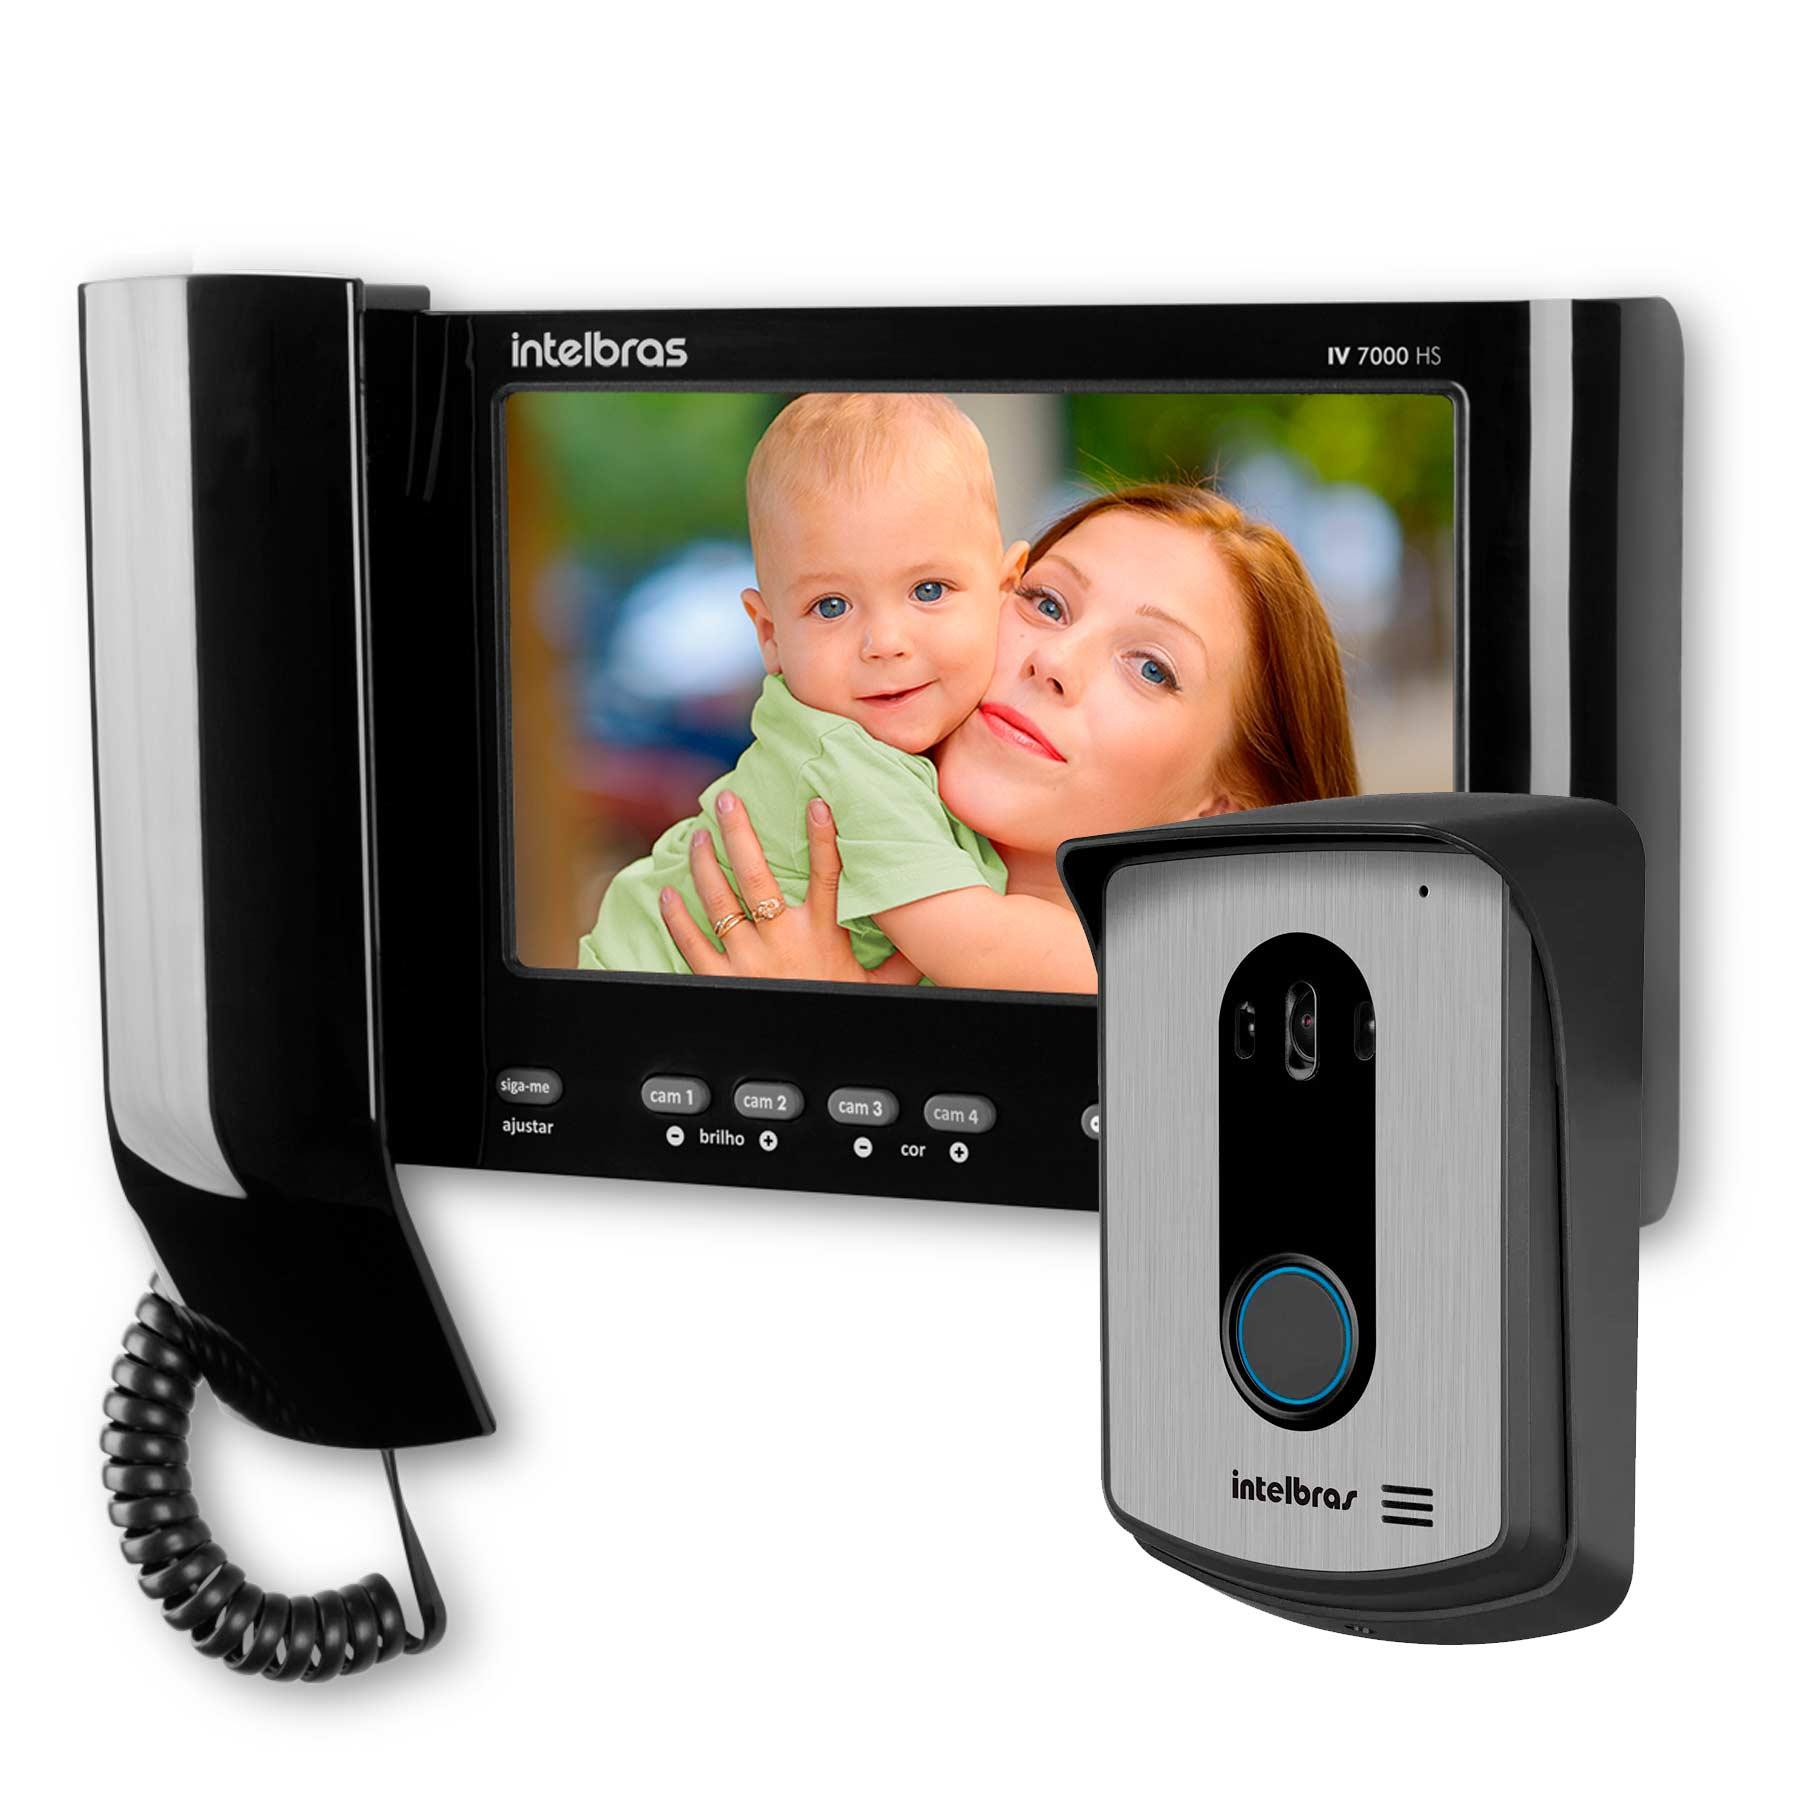 kit-video-porteiro-interfone-intelbras-iv-7010-hs-visualiza-ate-04-cameras-atende-por-celular-abre-2-portoes-tela-lcd-7-polegadas